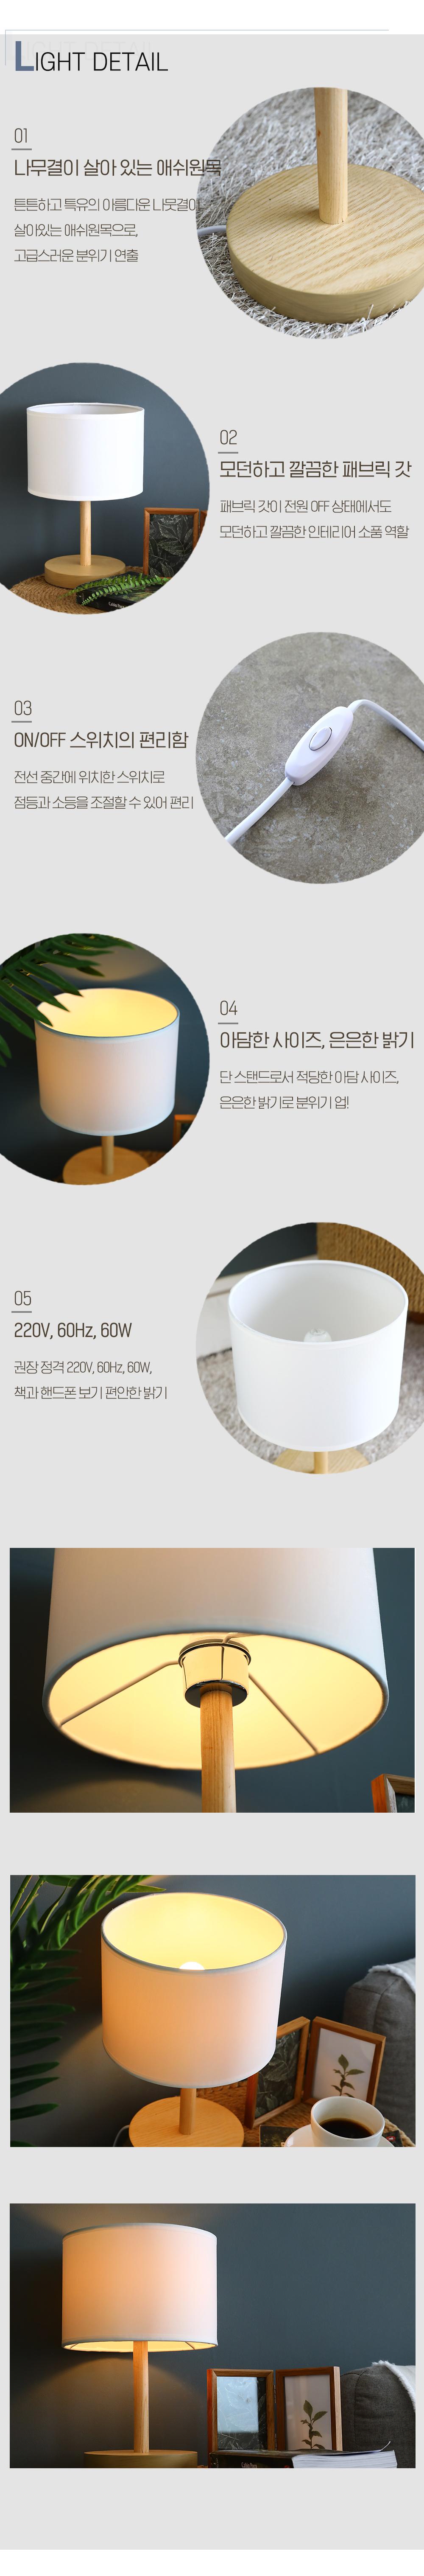 바이빔 해밀 스탠드 특징 - 애쉬원목 & 패브릭 전등갓 & 온오프스위치 등